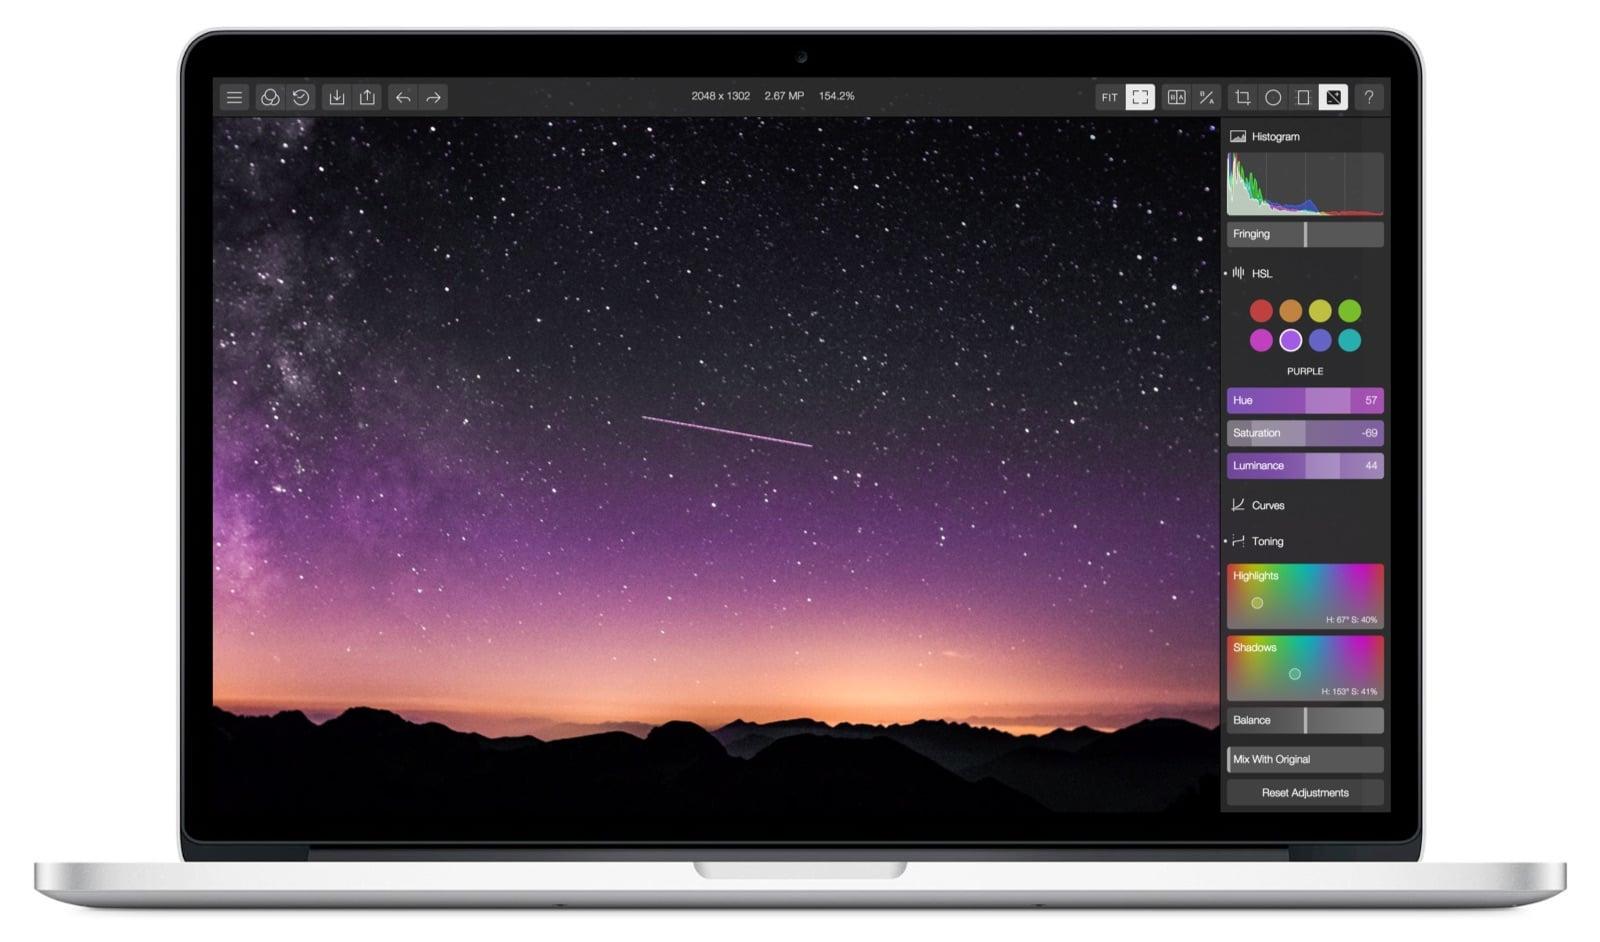 App de Edición de Fotografía POLARR PHOTO EDITOR para OS X, de $735 pesos a descarga GRATUITA por 72 horas en Apple Appstore.